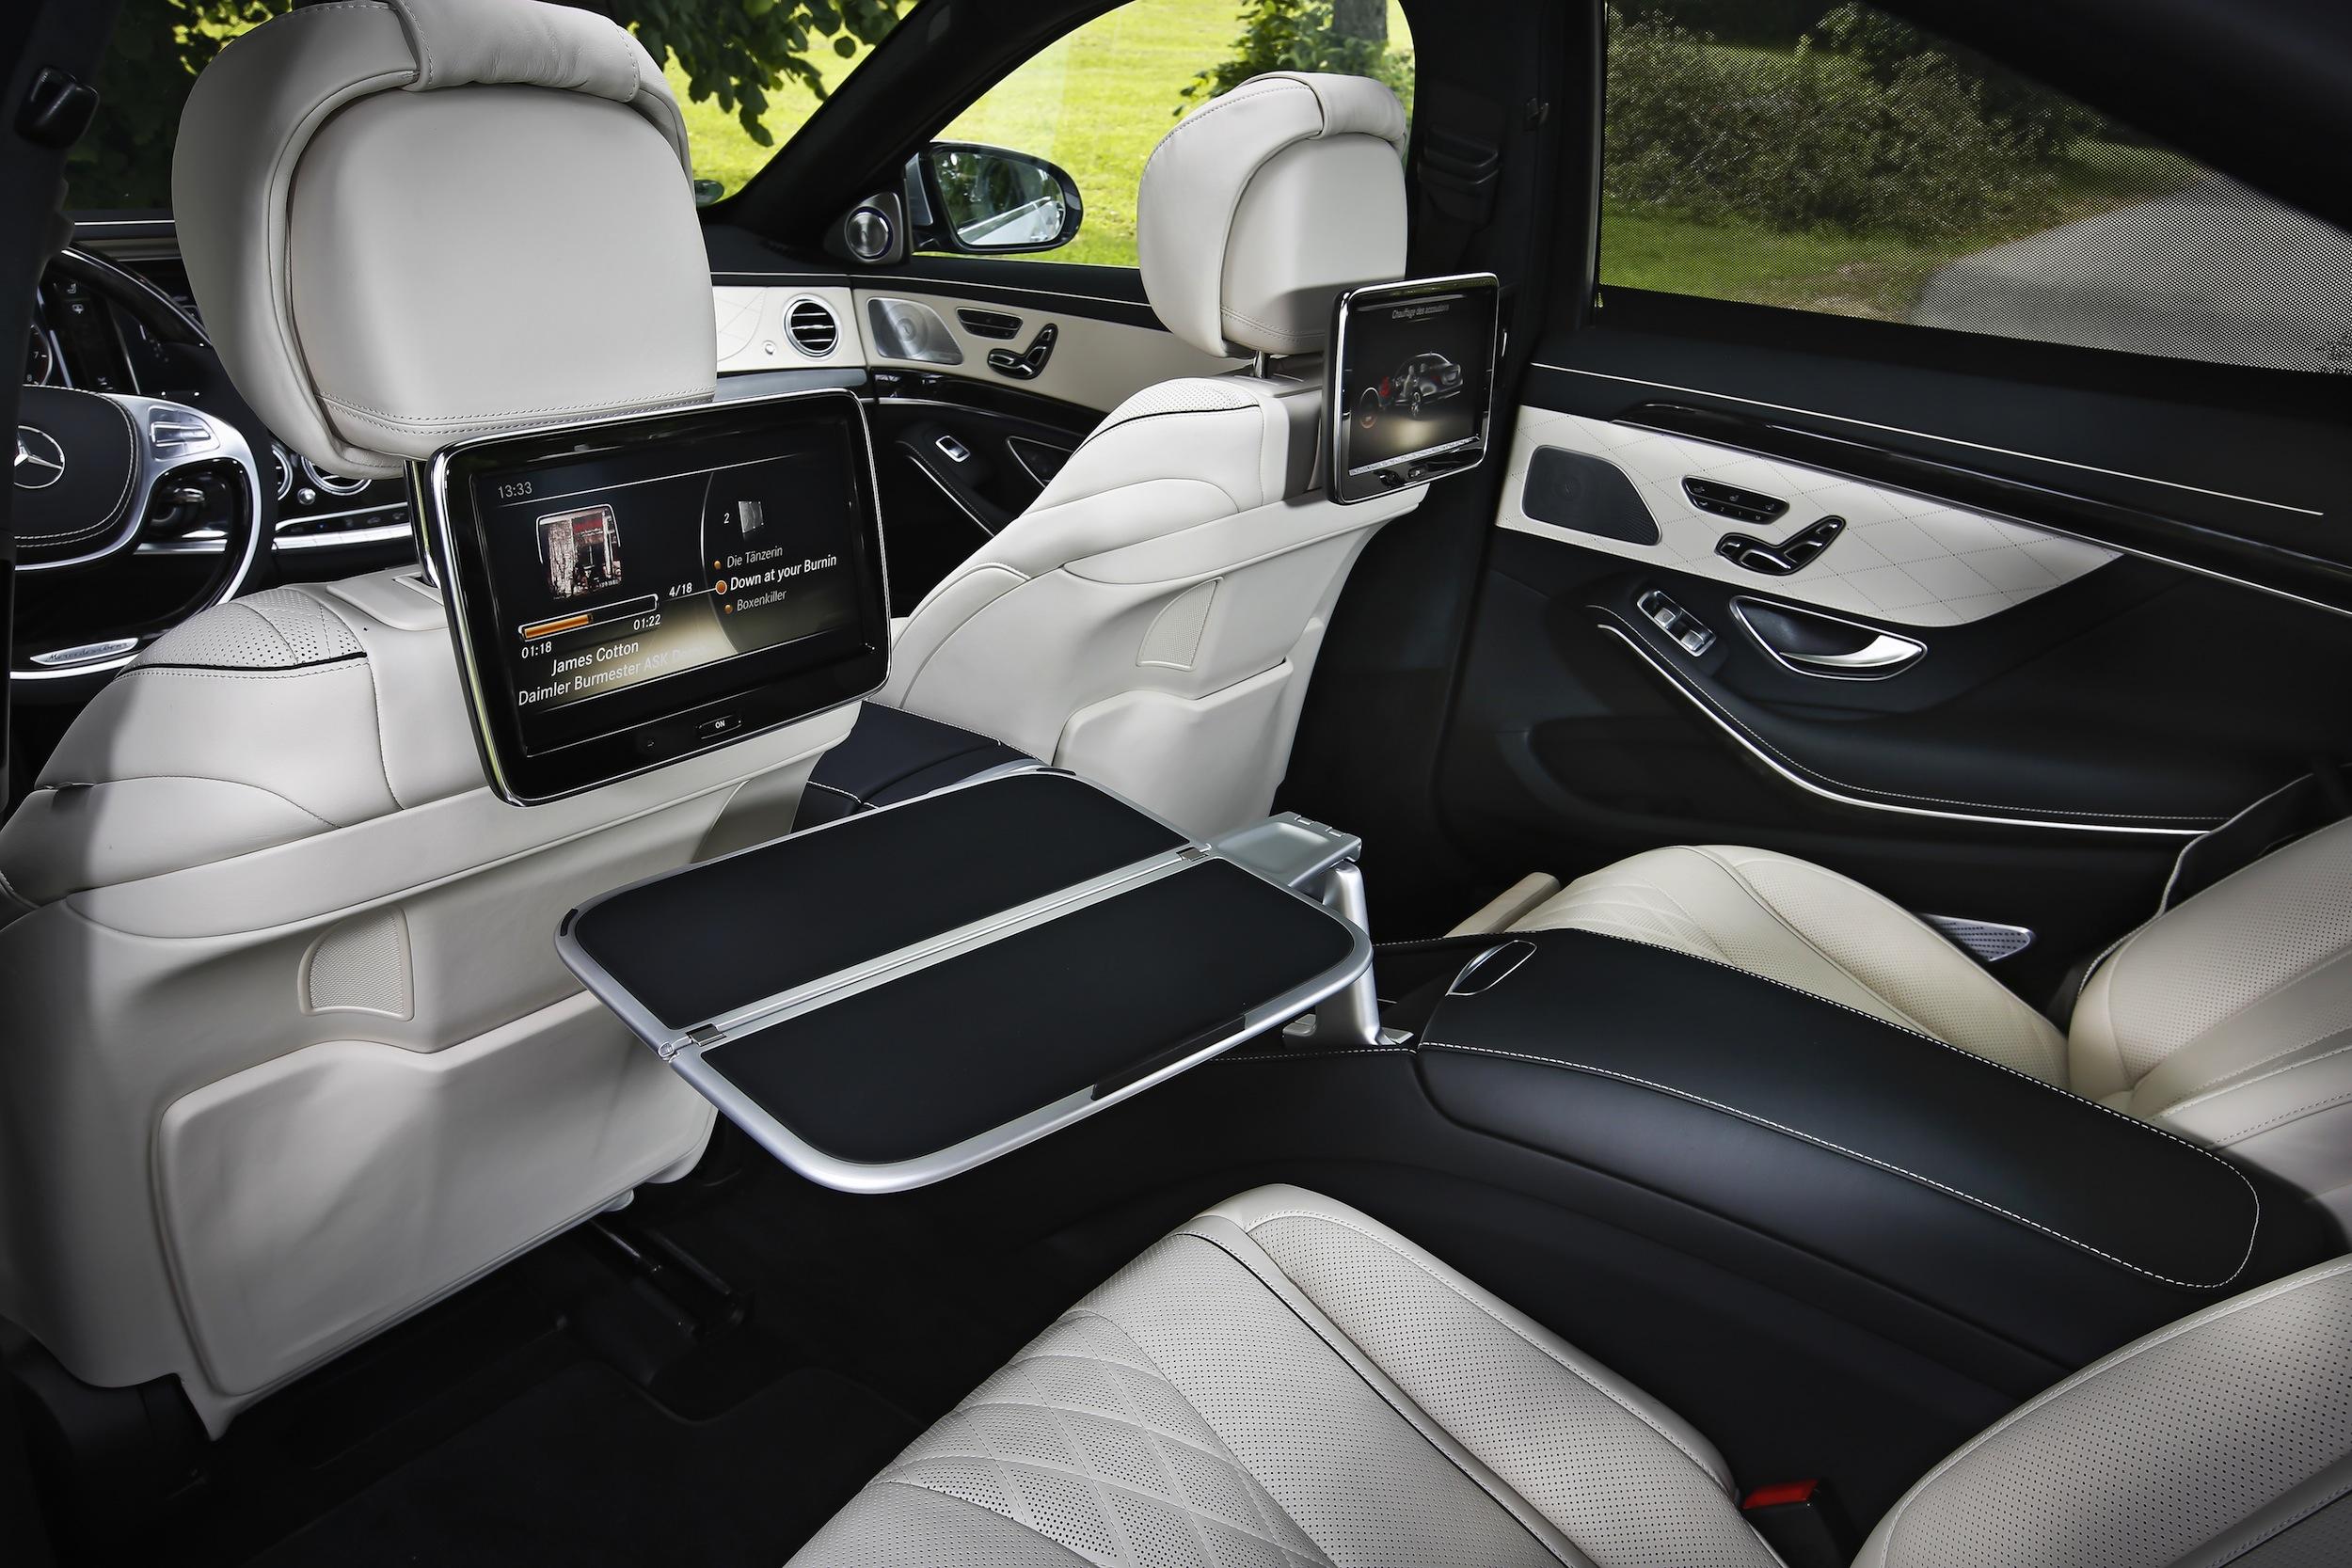 uber signe une m ga commande avec mercedes pour se passer des chauffeurs wakeup info. Black Bedroom Furniture Sets. Home Design Ideas